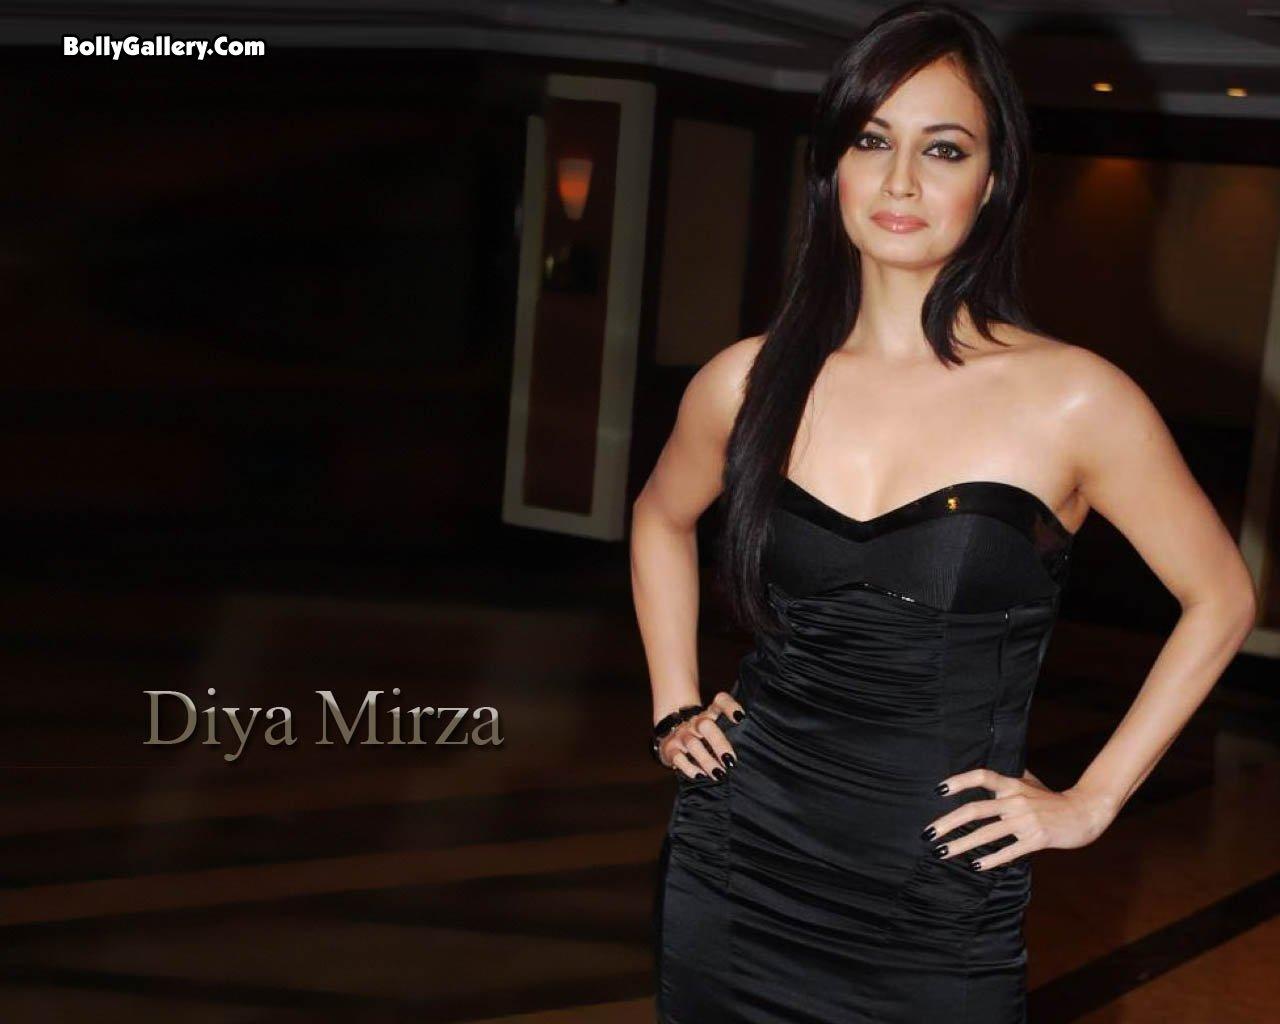 http://3.bp.blogspot.com/_-n1JU4m63mA/S7Lwec3Vd0I/AAAAAAAAAzM/yUo_sm-YECE/s1600/stunning+Diya+Mirza+anthology+2.jpg